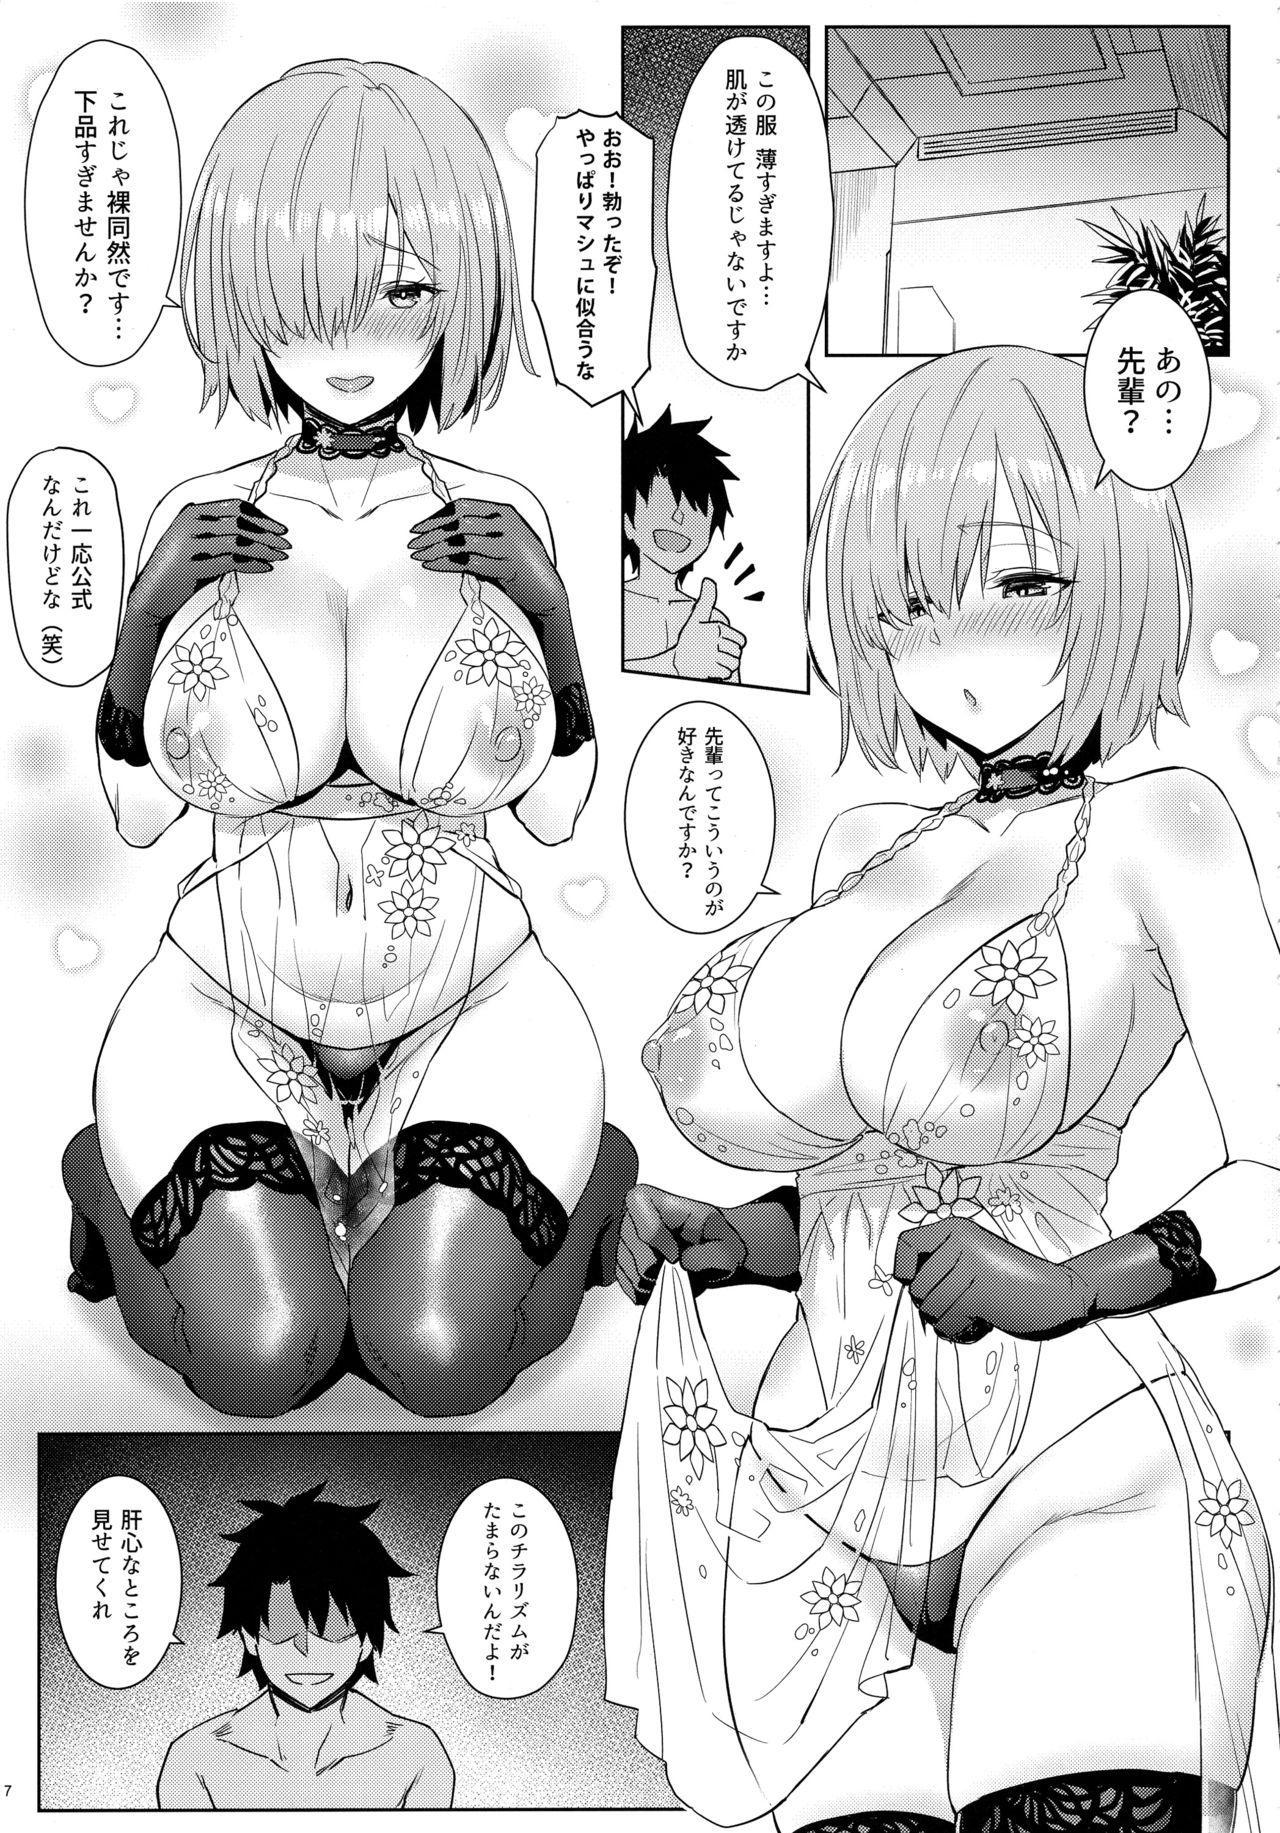 Mash no Himitsu Tokkun 4